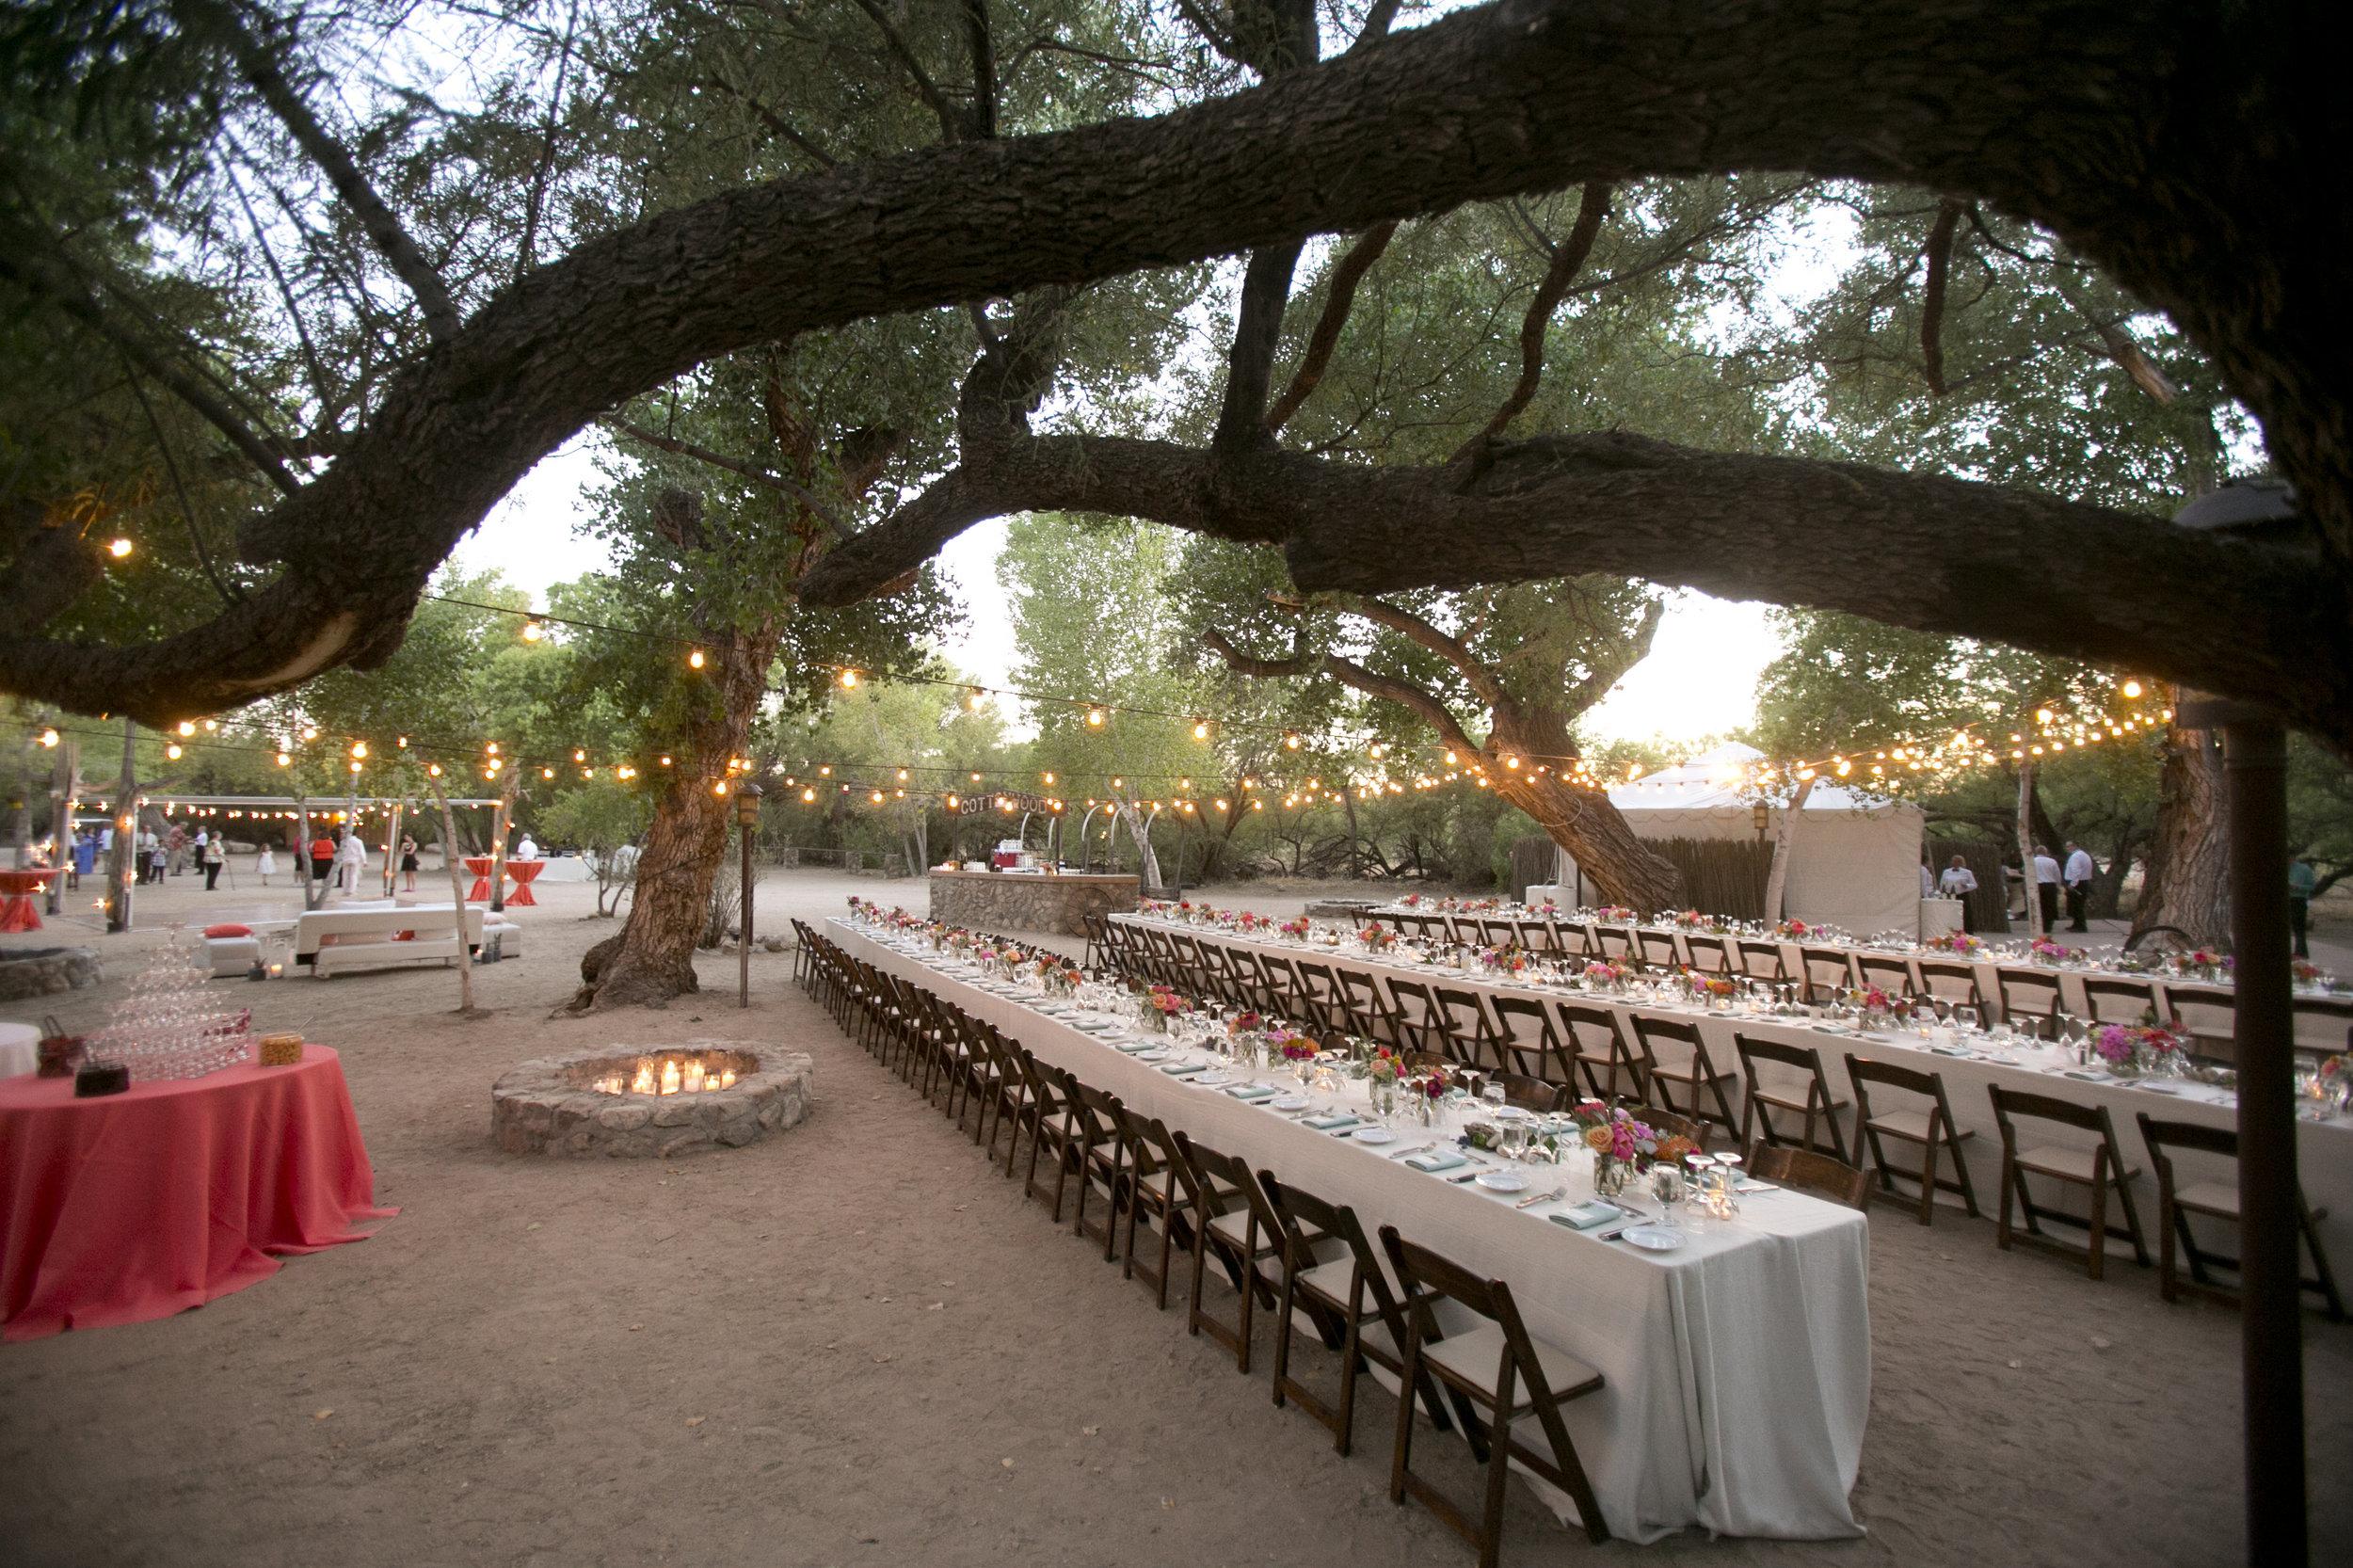 Ceci_New_York_Ceci_Style_Ceci_Johnson_Luxury_Lifestyle_Arizona_Wedding_Watercolor_Inspiration_Design_Custom_Couture_Personalized_Invitations_166.jpg